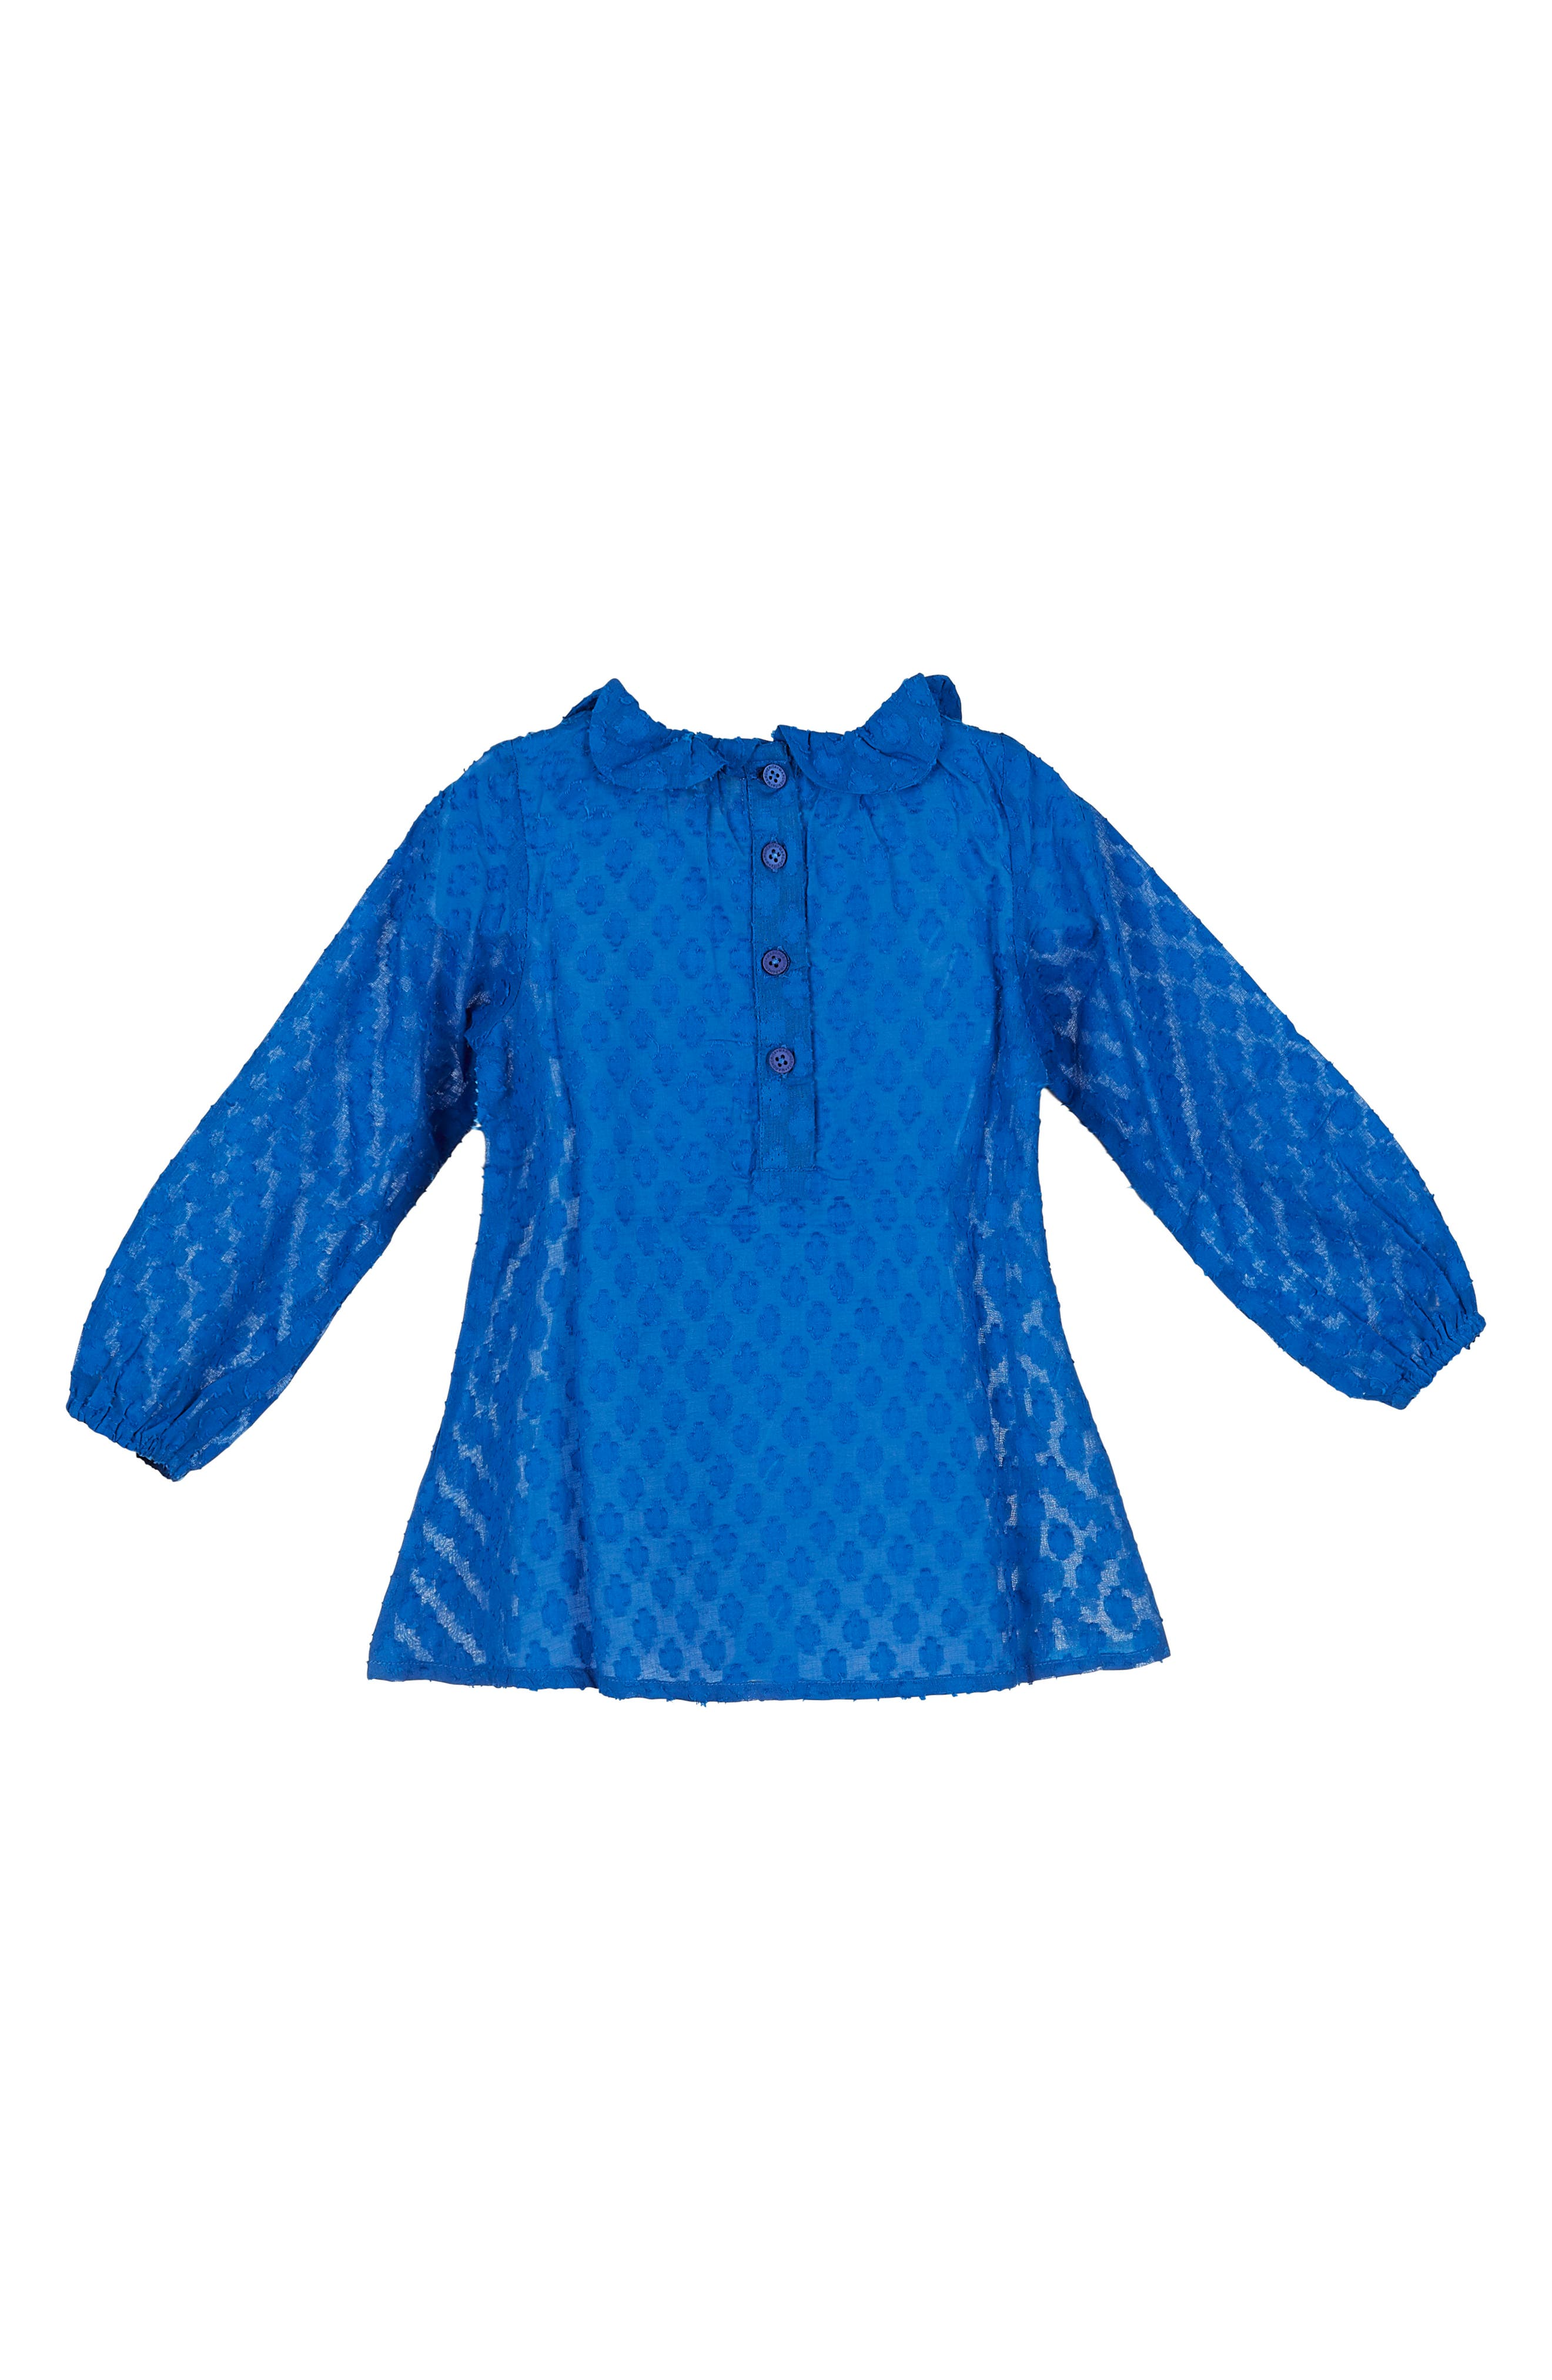 Daisy Petal Collar Dobby Top,                             Alternate thumbnail 2, color,                             Blue